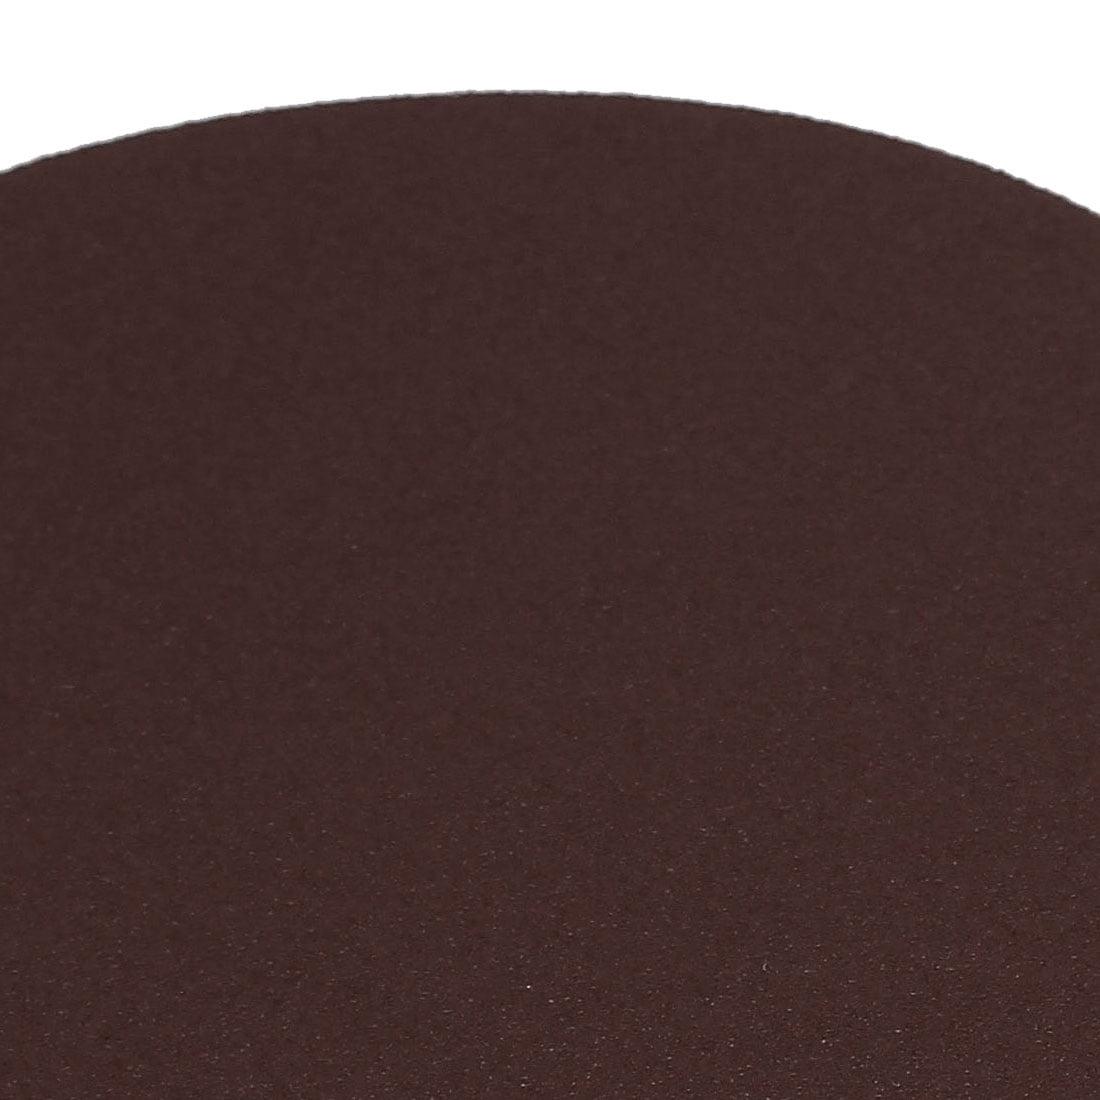 """7"""" Diamètre 100 poussiére pon age abrasifs disque Papier abrasif fin 20pcs pour outil oscillant - image 1 de 3"""